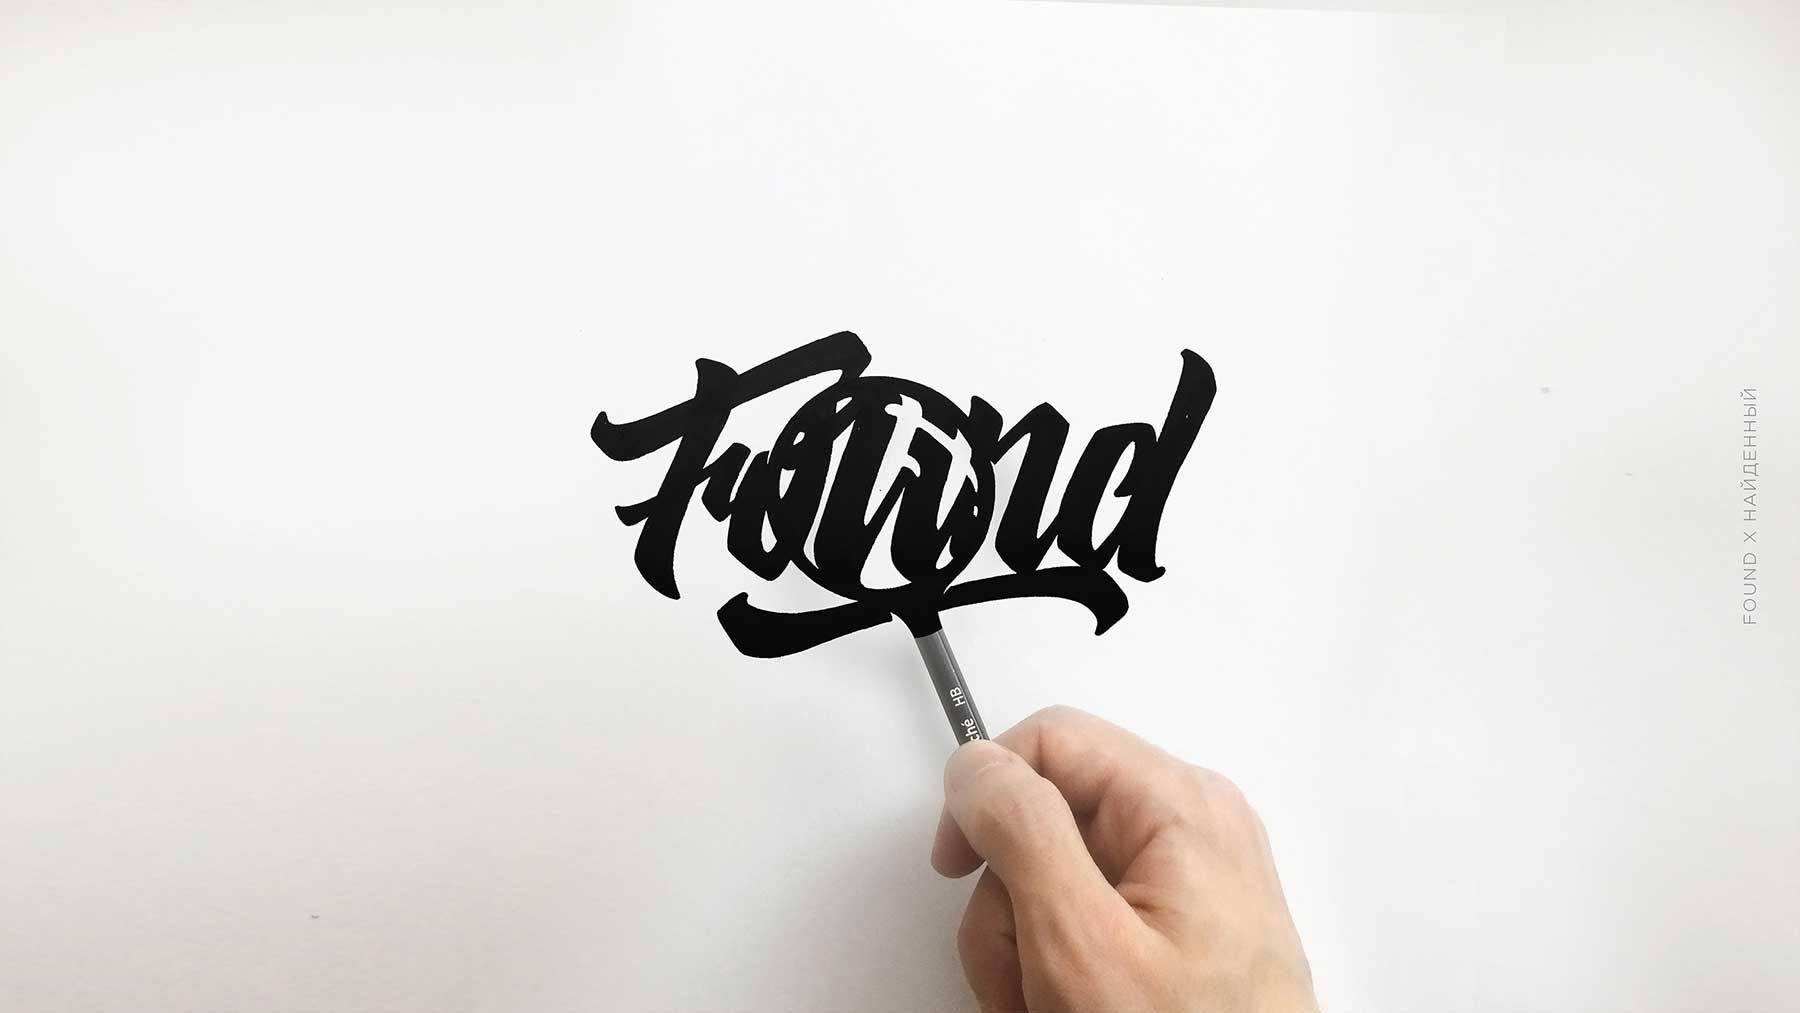 Schöngeschriebenes entsprechend der Wortbedeutung Dima-AbraKadabra-calligraphy-meaning_06